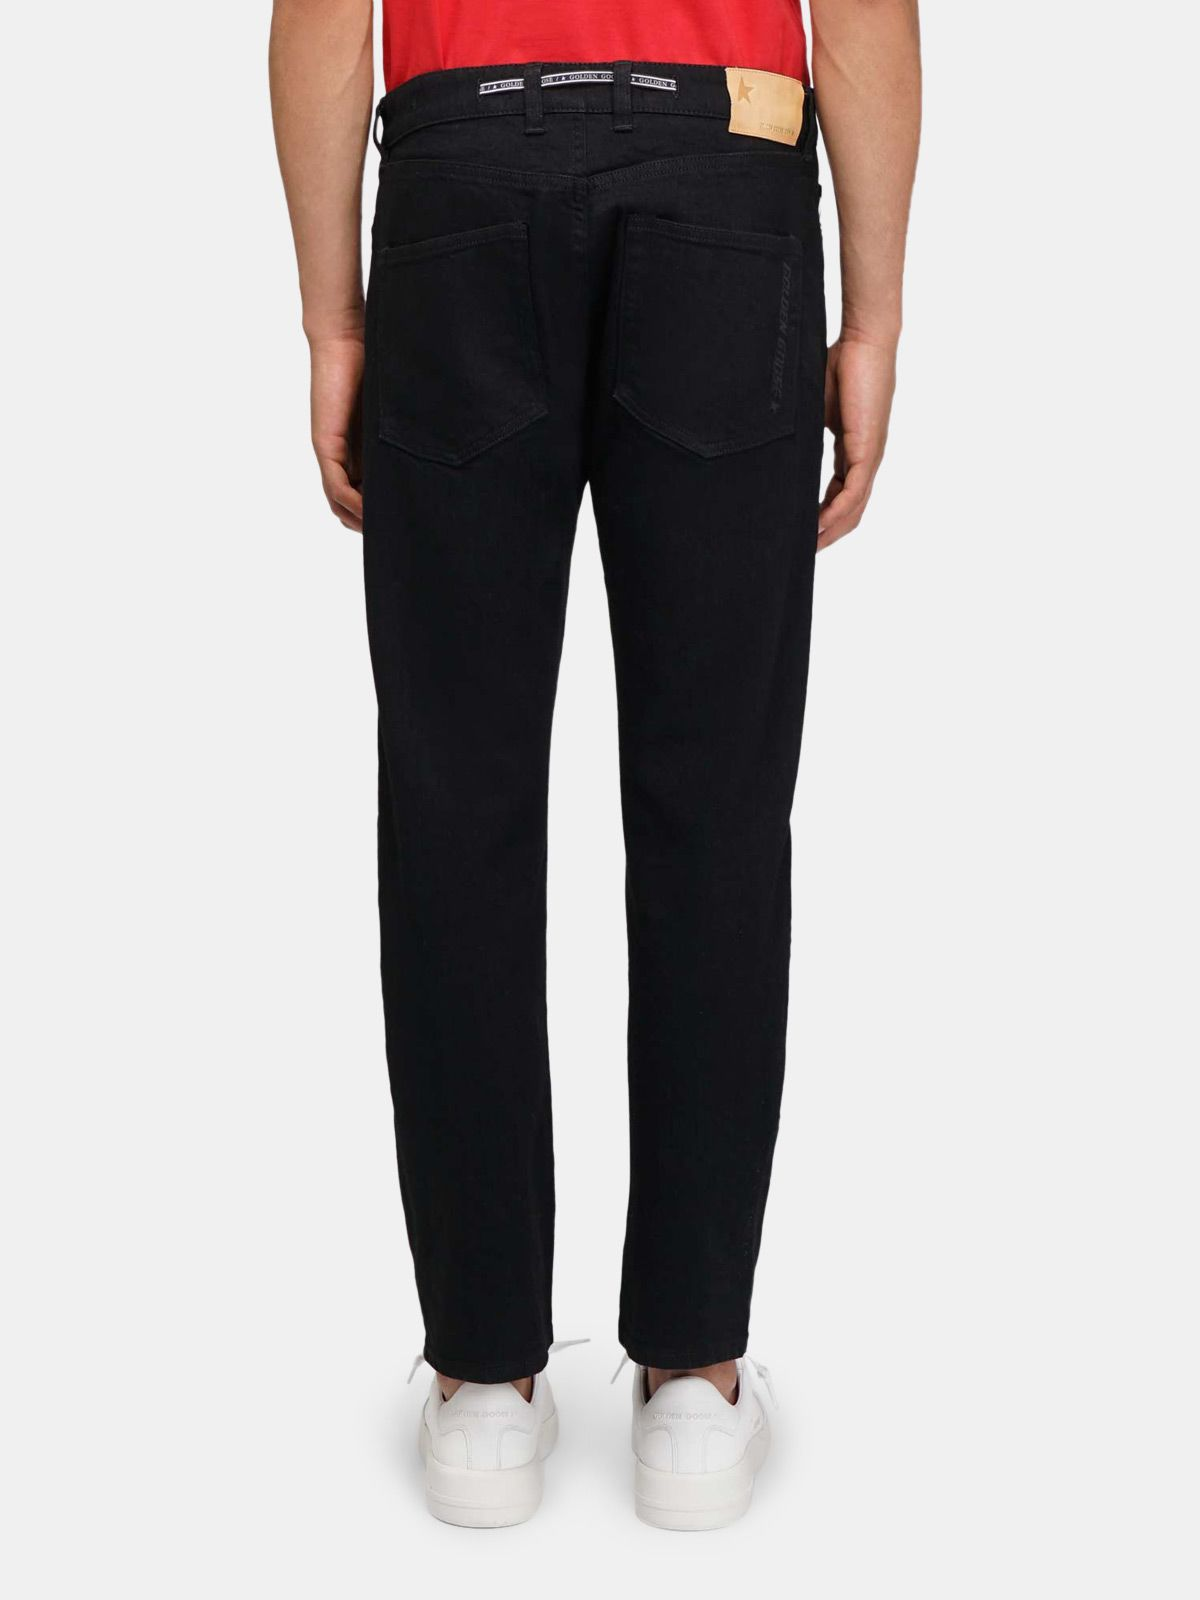 Golden Goose - Jeans Lit slim fit in cotone nero elasticizzato in